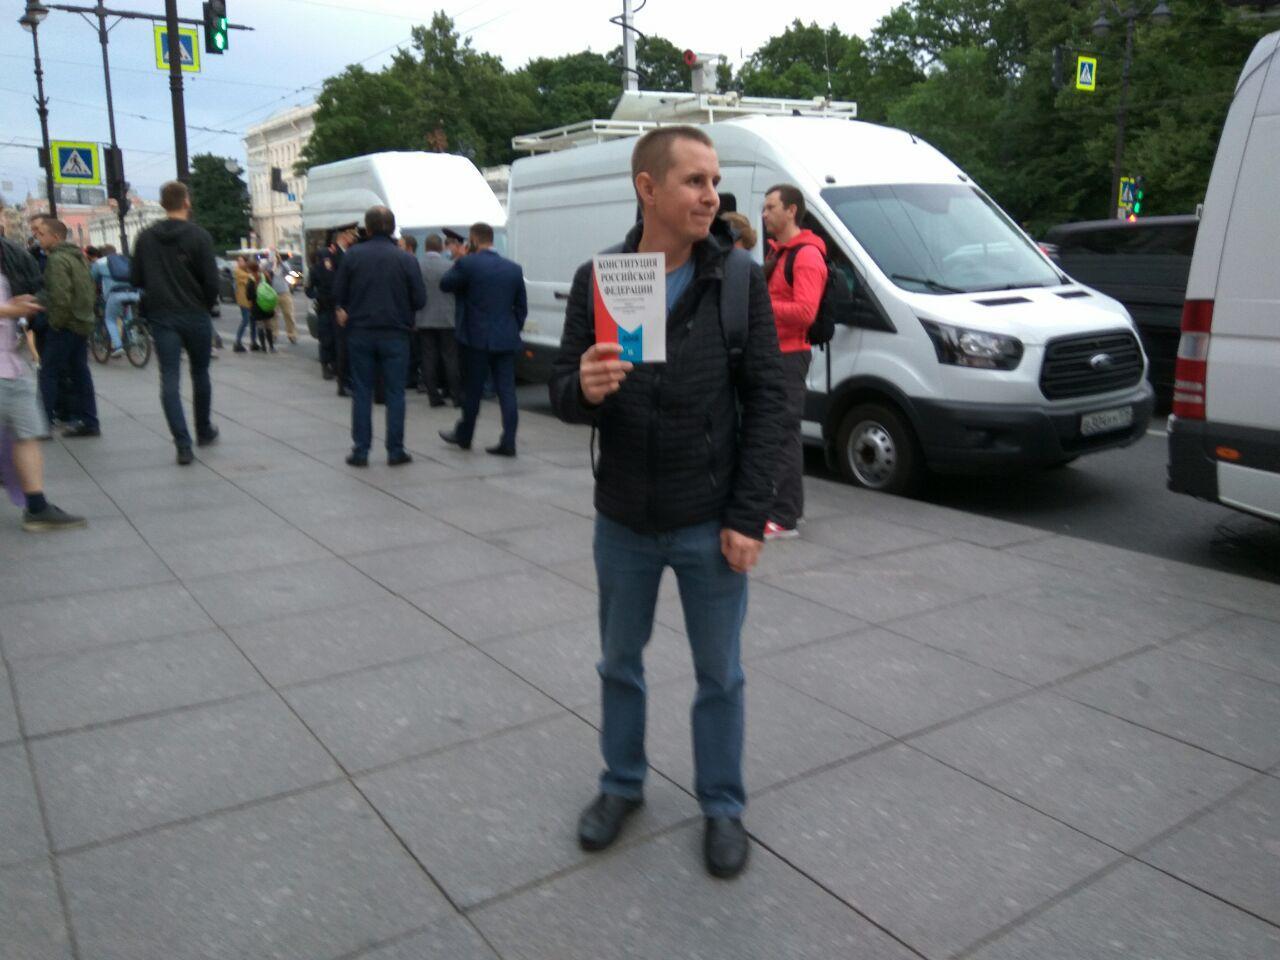 """Координатора """"Левого фронта"""" оштрафовали на 12 тысяч за участие в акции против """"обнуления"""""""